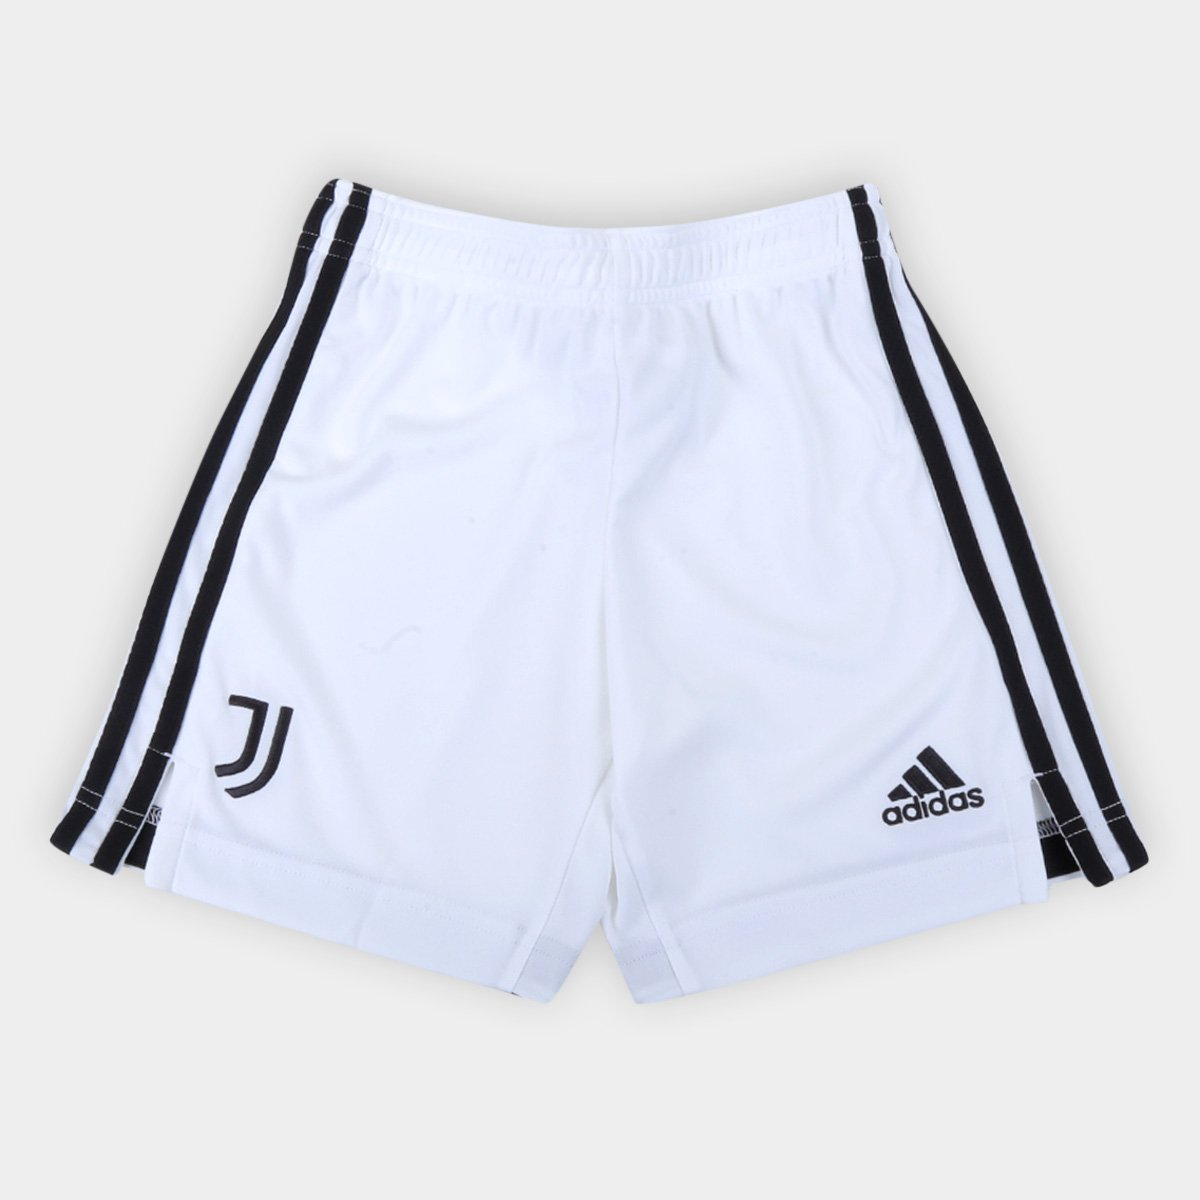 Calção Juventus Juvenil Home 21/22 Adidas